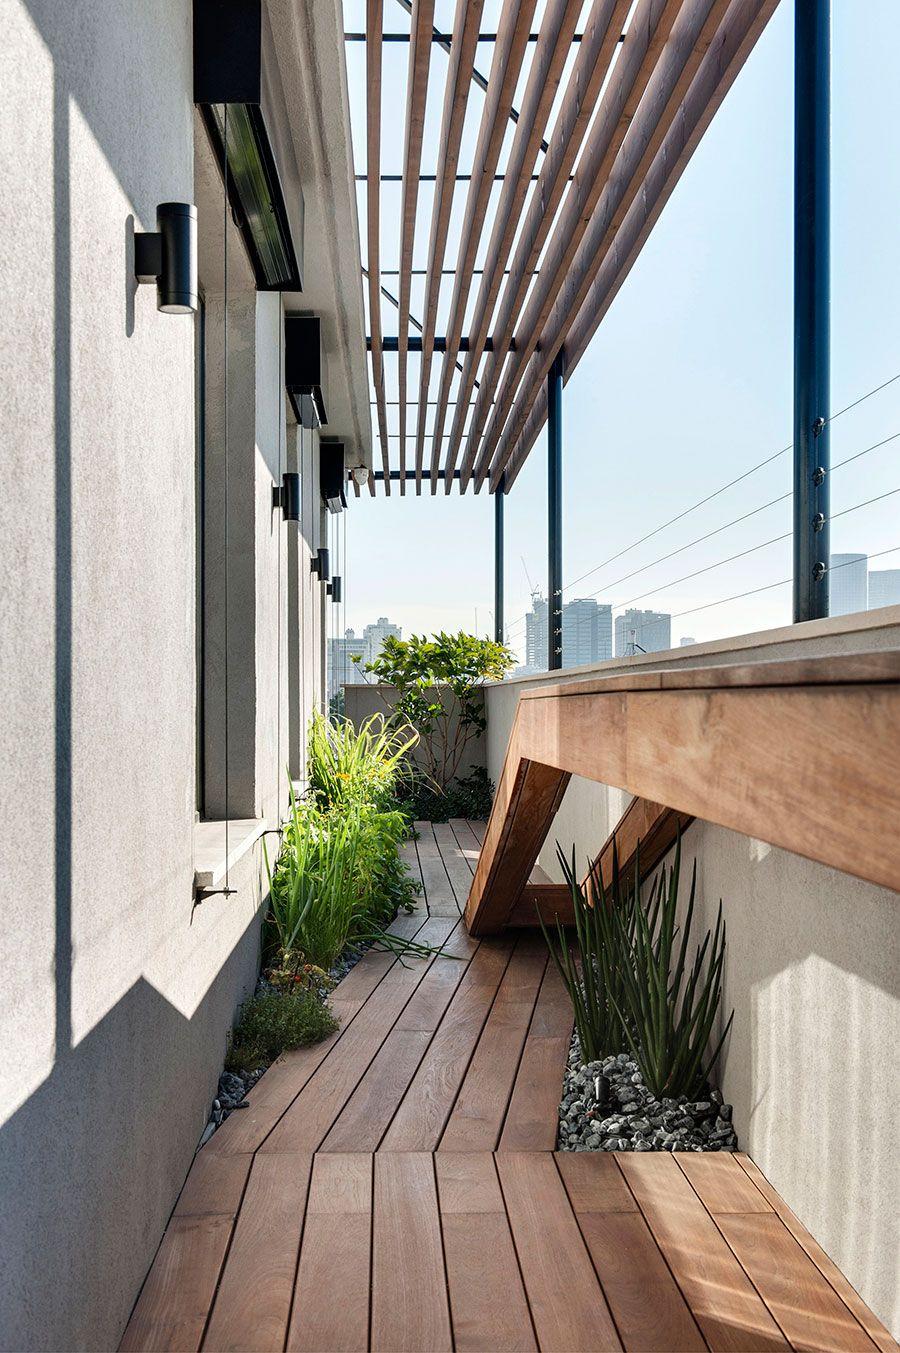 Pergola Dachterrasse Pflanzen auf der Terrasse Bodenbelag Holz